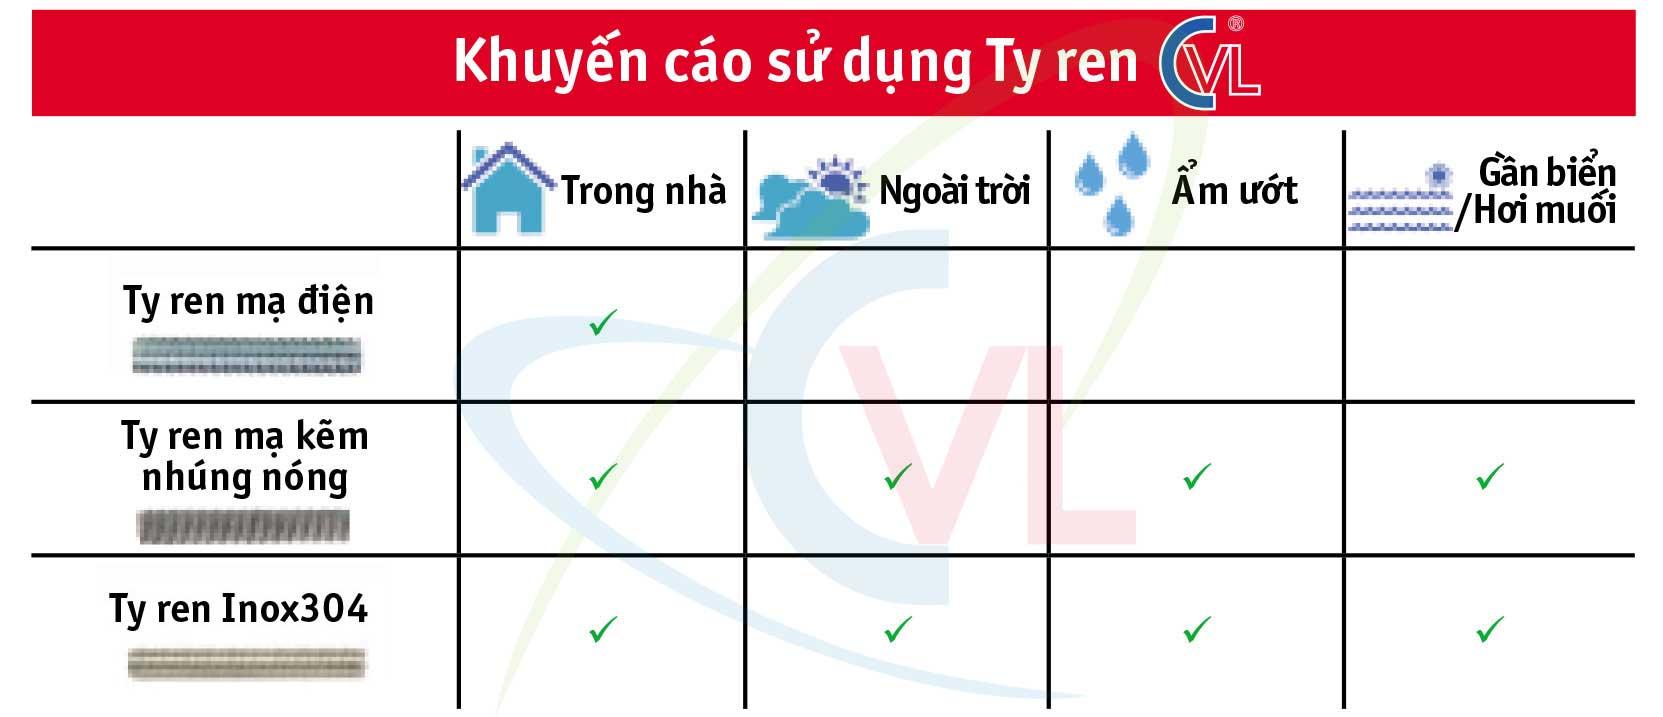 Khuyến cáo sử dụng các loại ty ren mạ điện, mạ kẽm nhúng nóng, inox do CATVANLOI.COM sản xuất